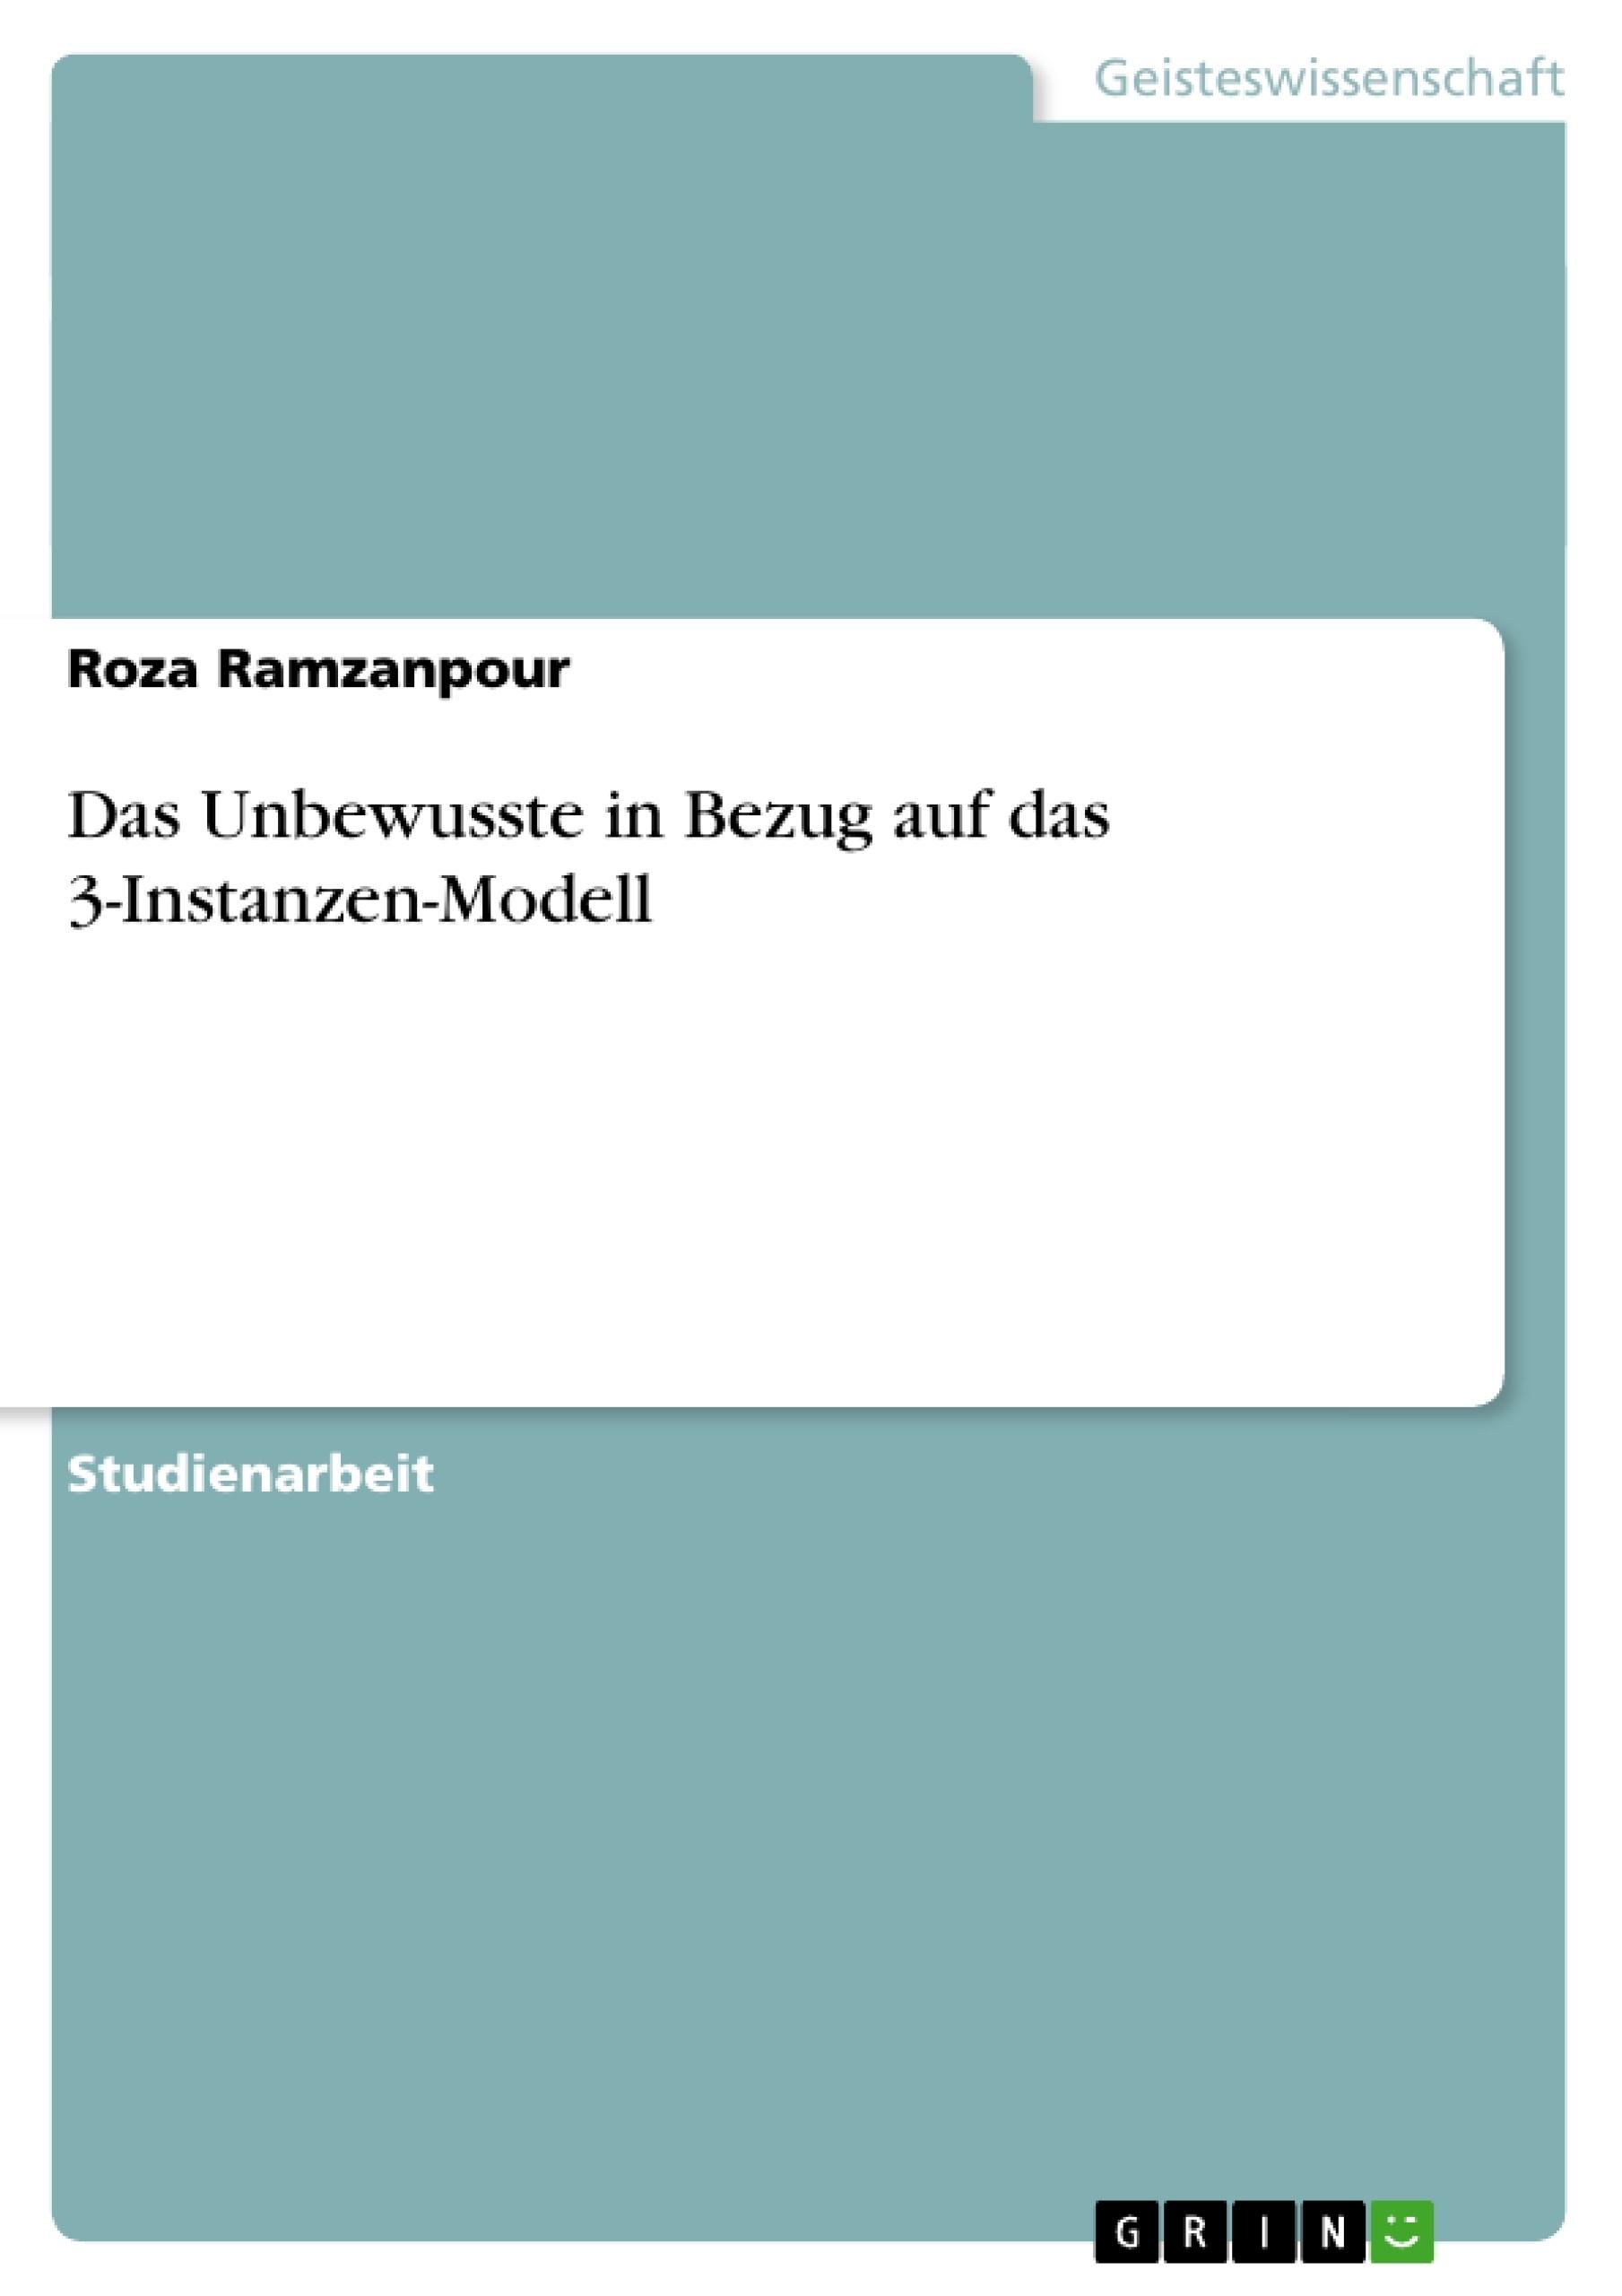 Titel: Das Unbewusste in Bezug auf das 3-Instanzen-Modell